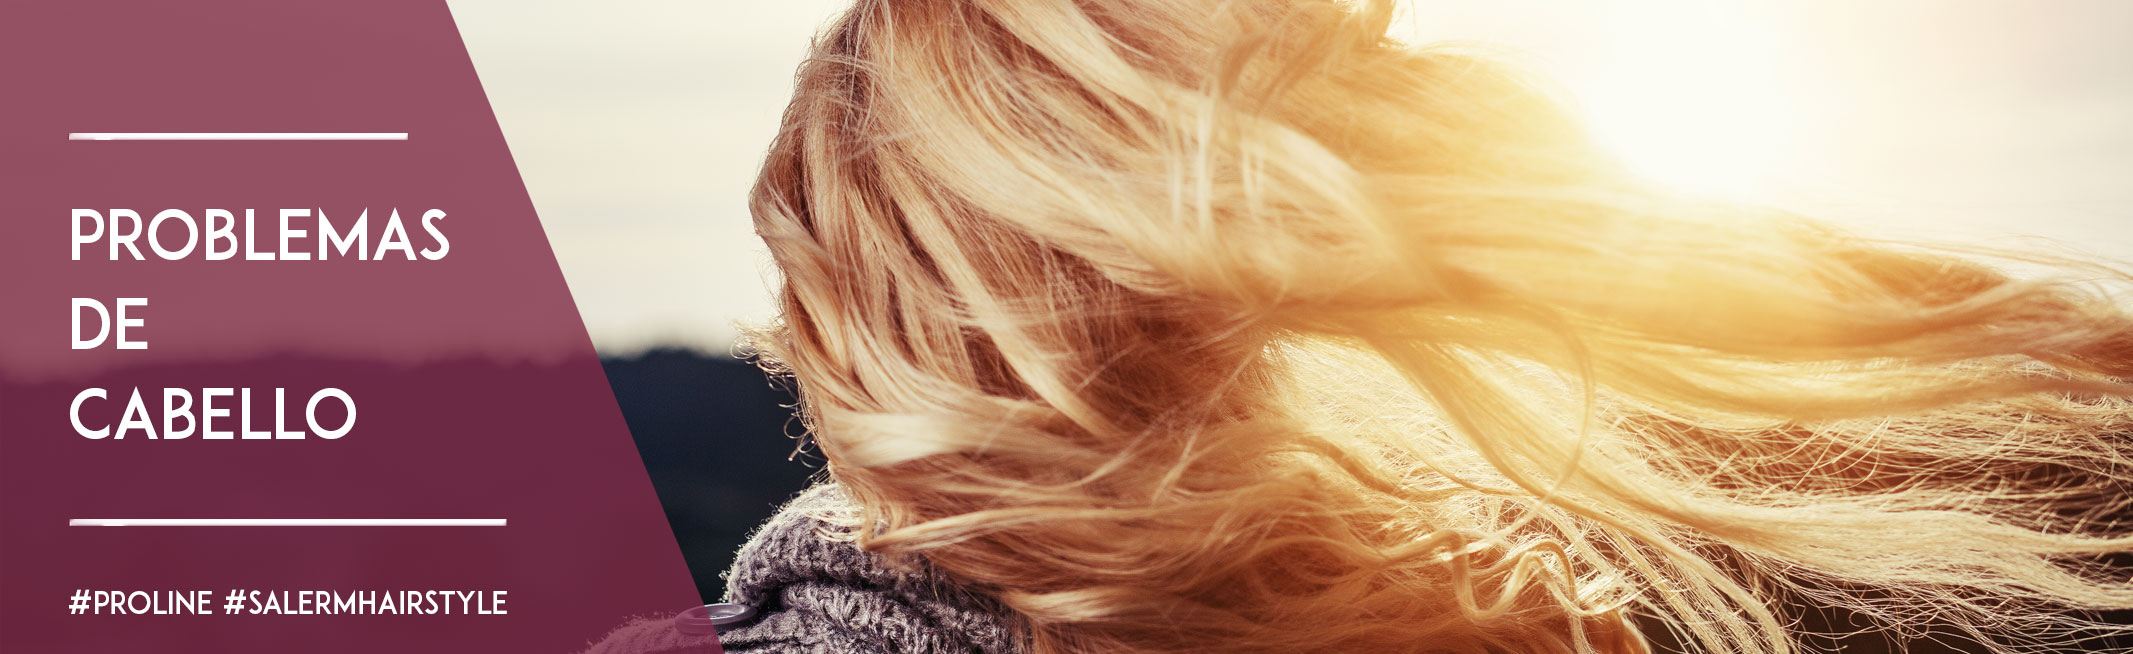 Problemas de cabello